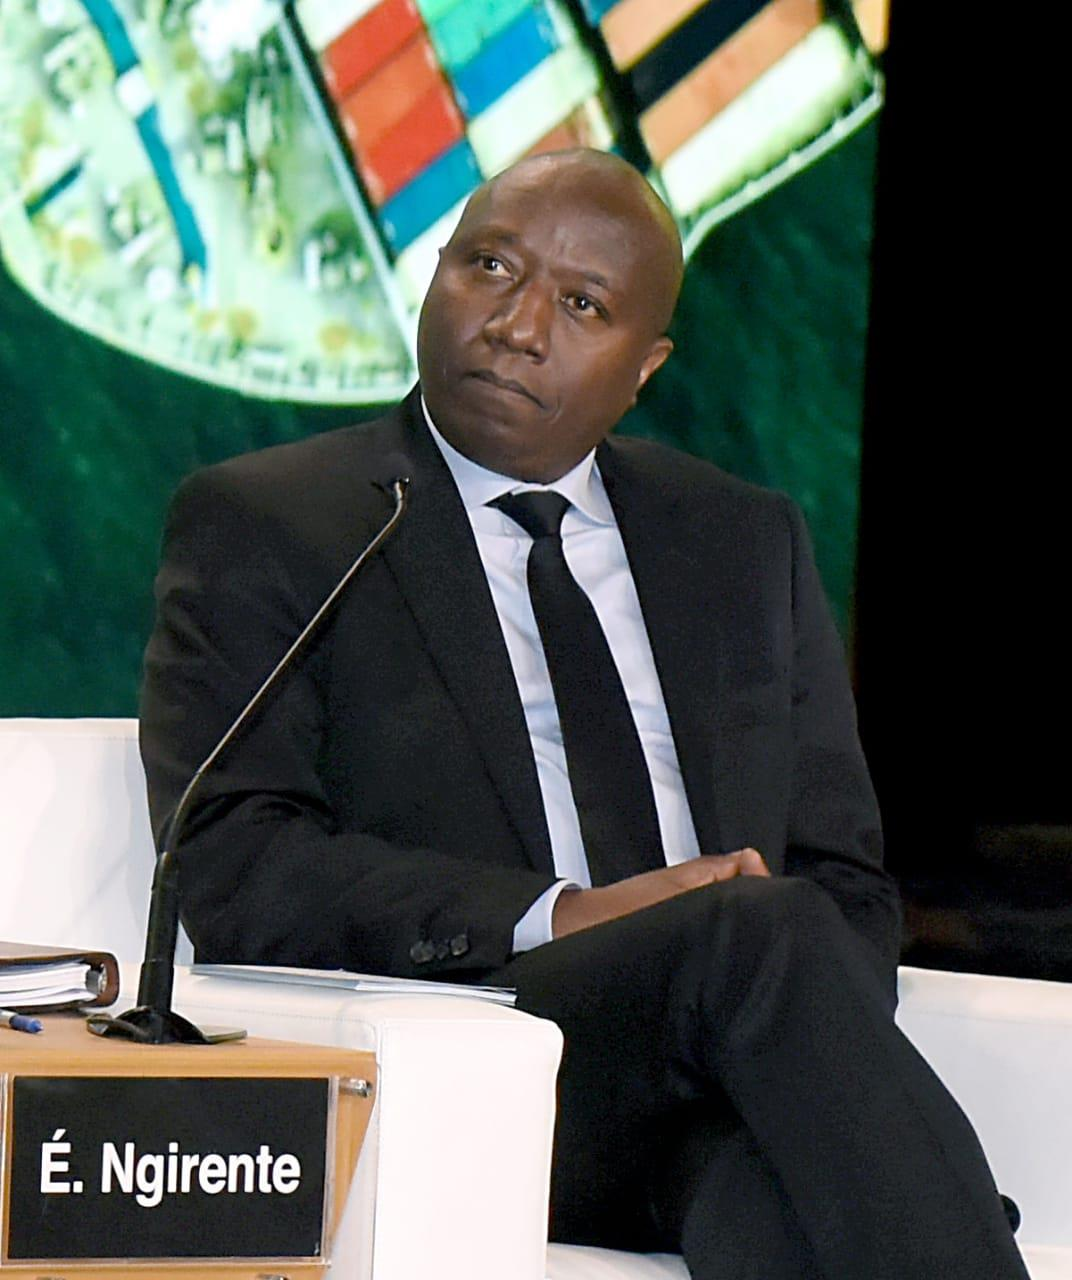 تفاصيل جلسة الشراكات الدولية والإقليمية لتطوير البنية الأساسية بمؤتمر إفريقيا 2019